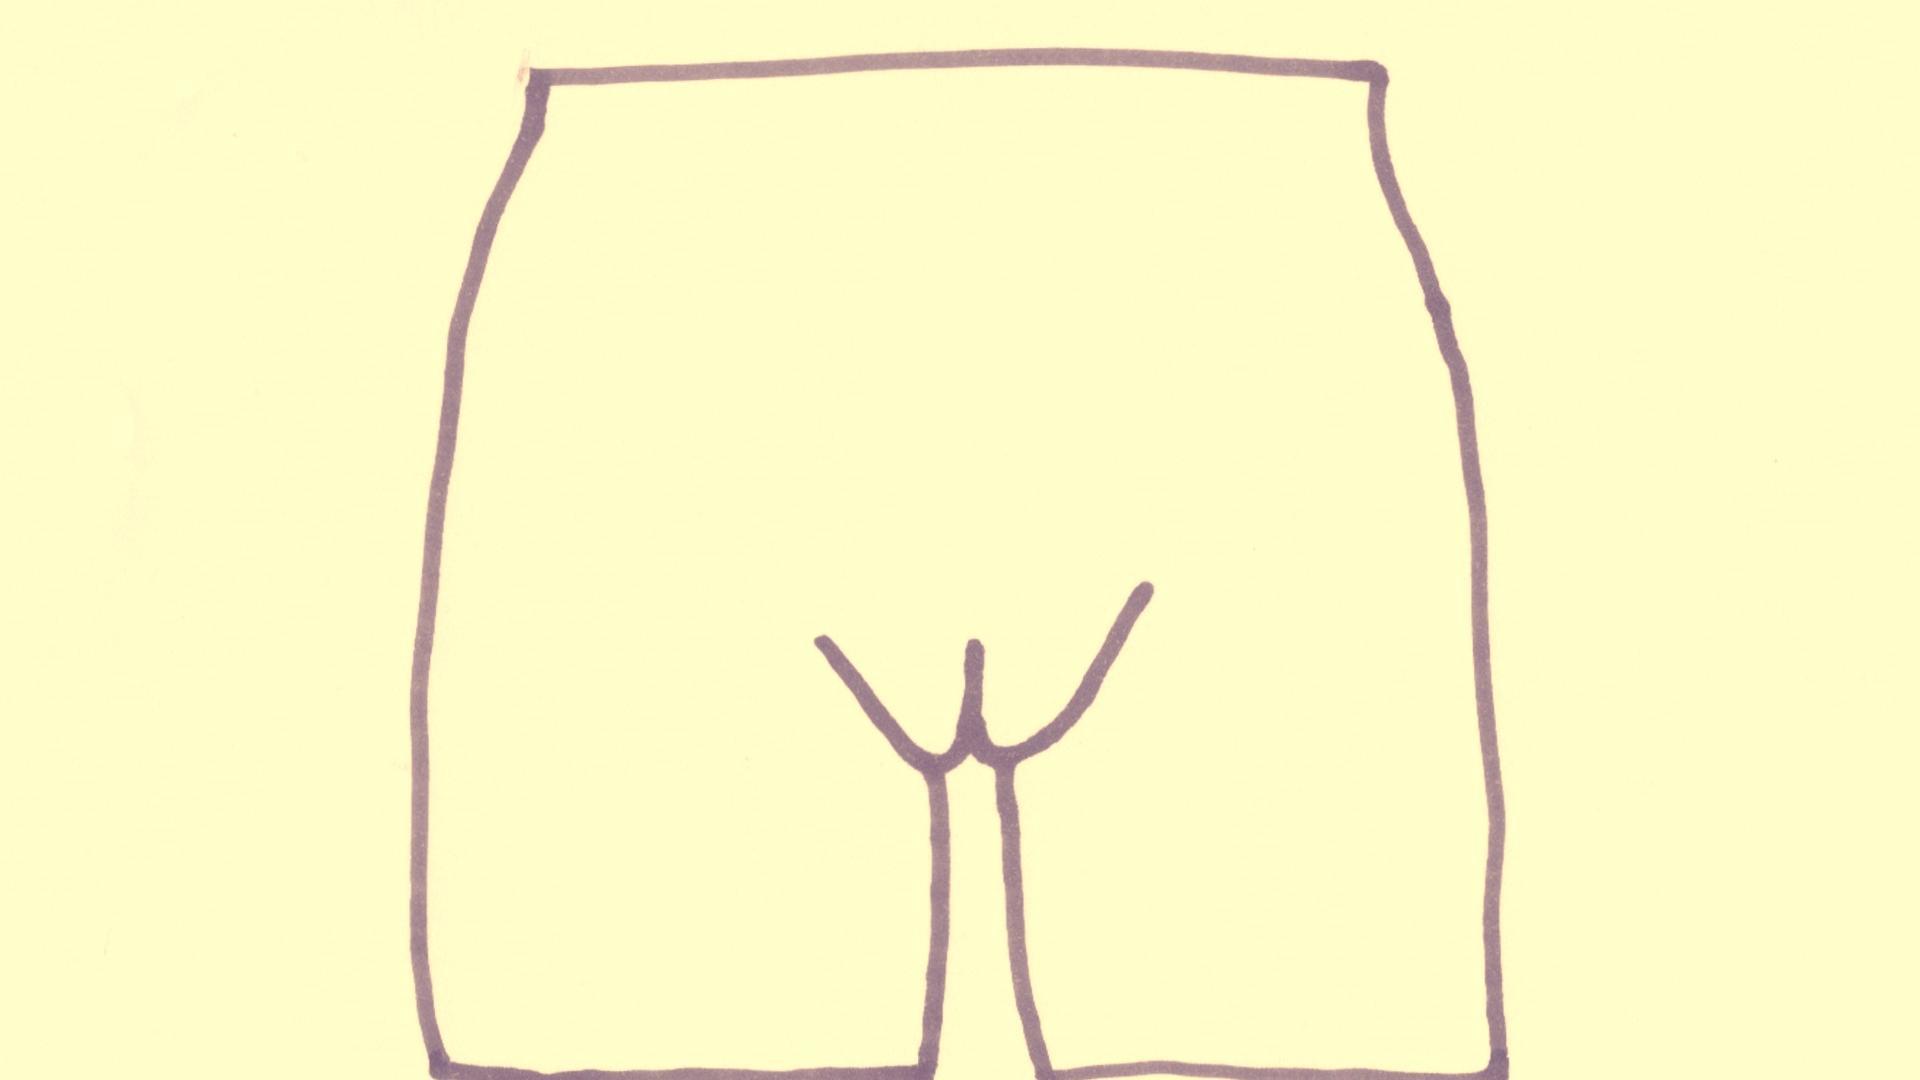 Vulva-Form: Ms. Puffs